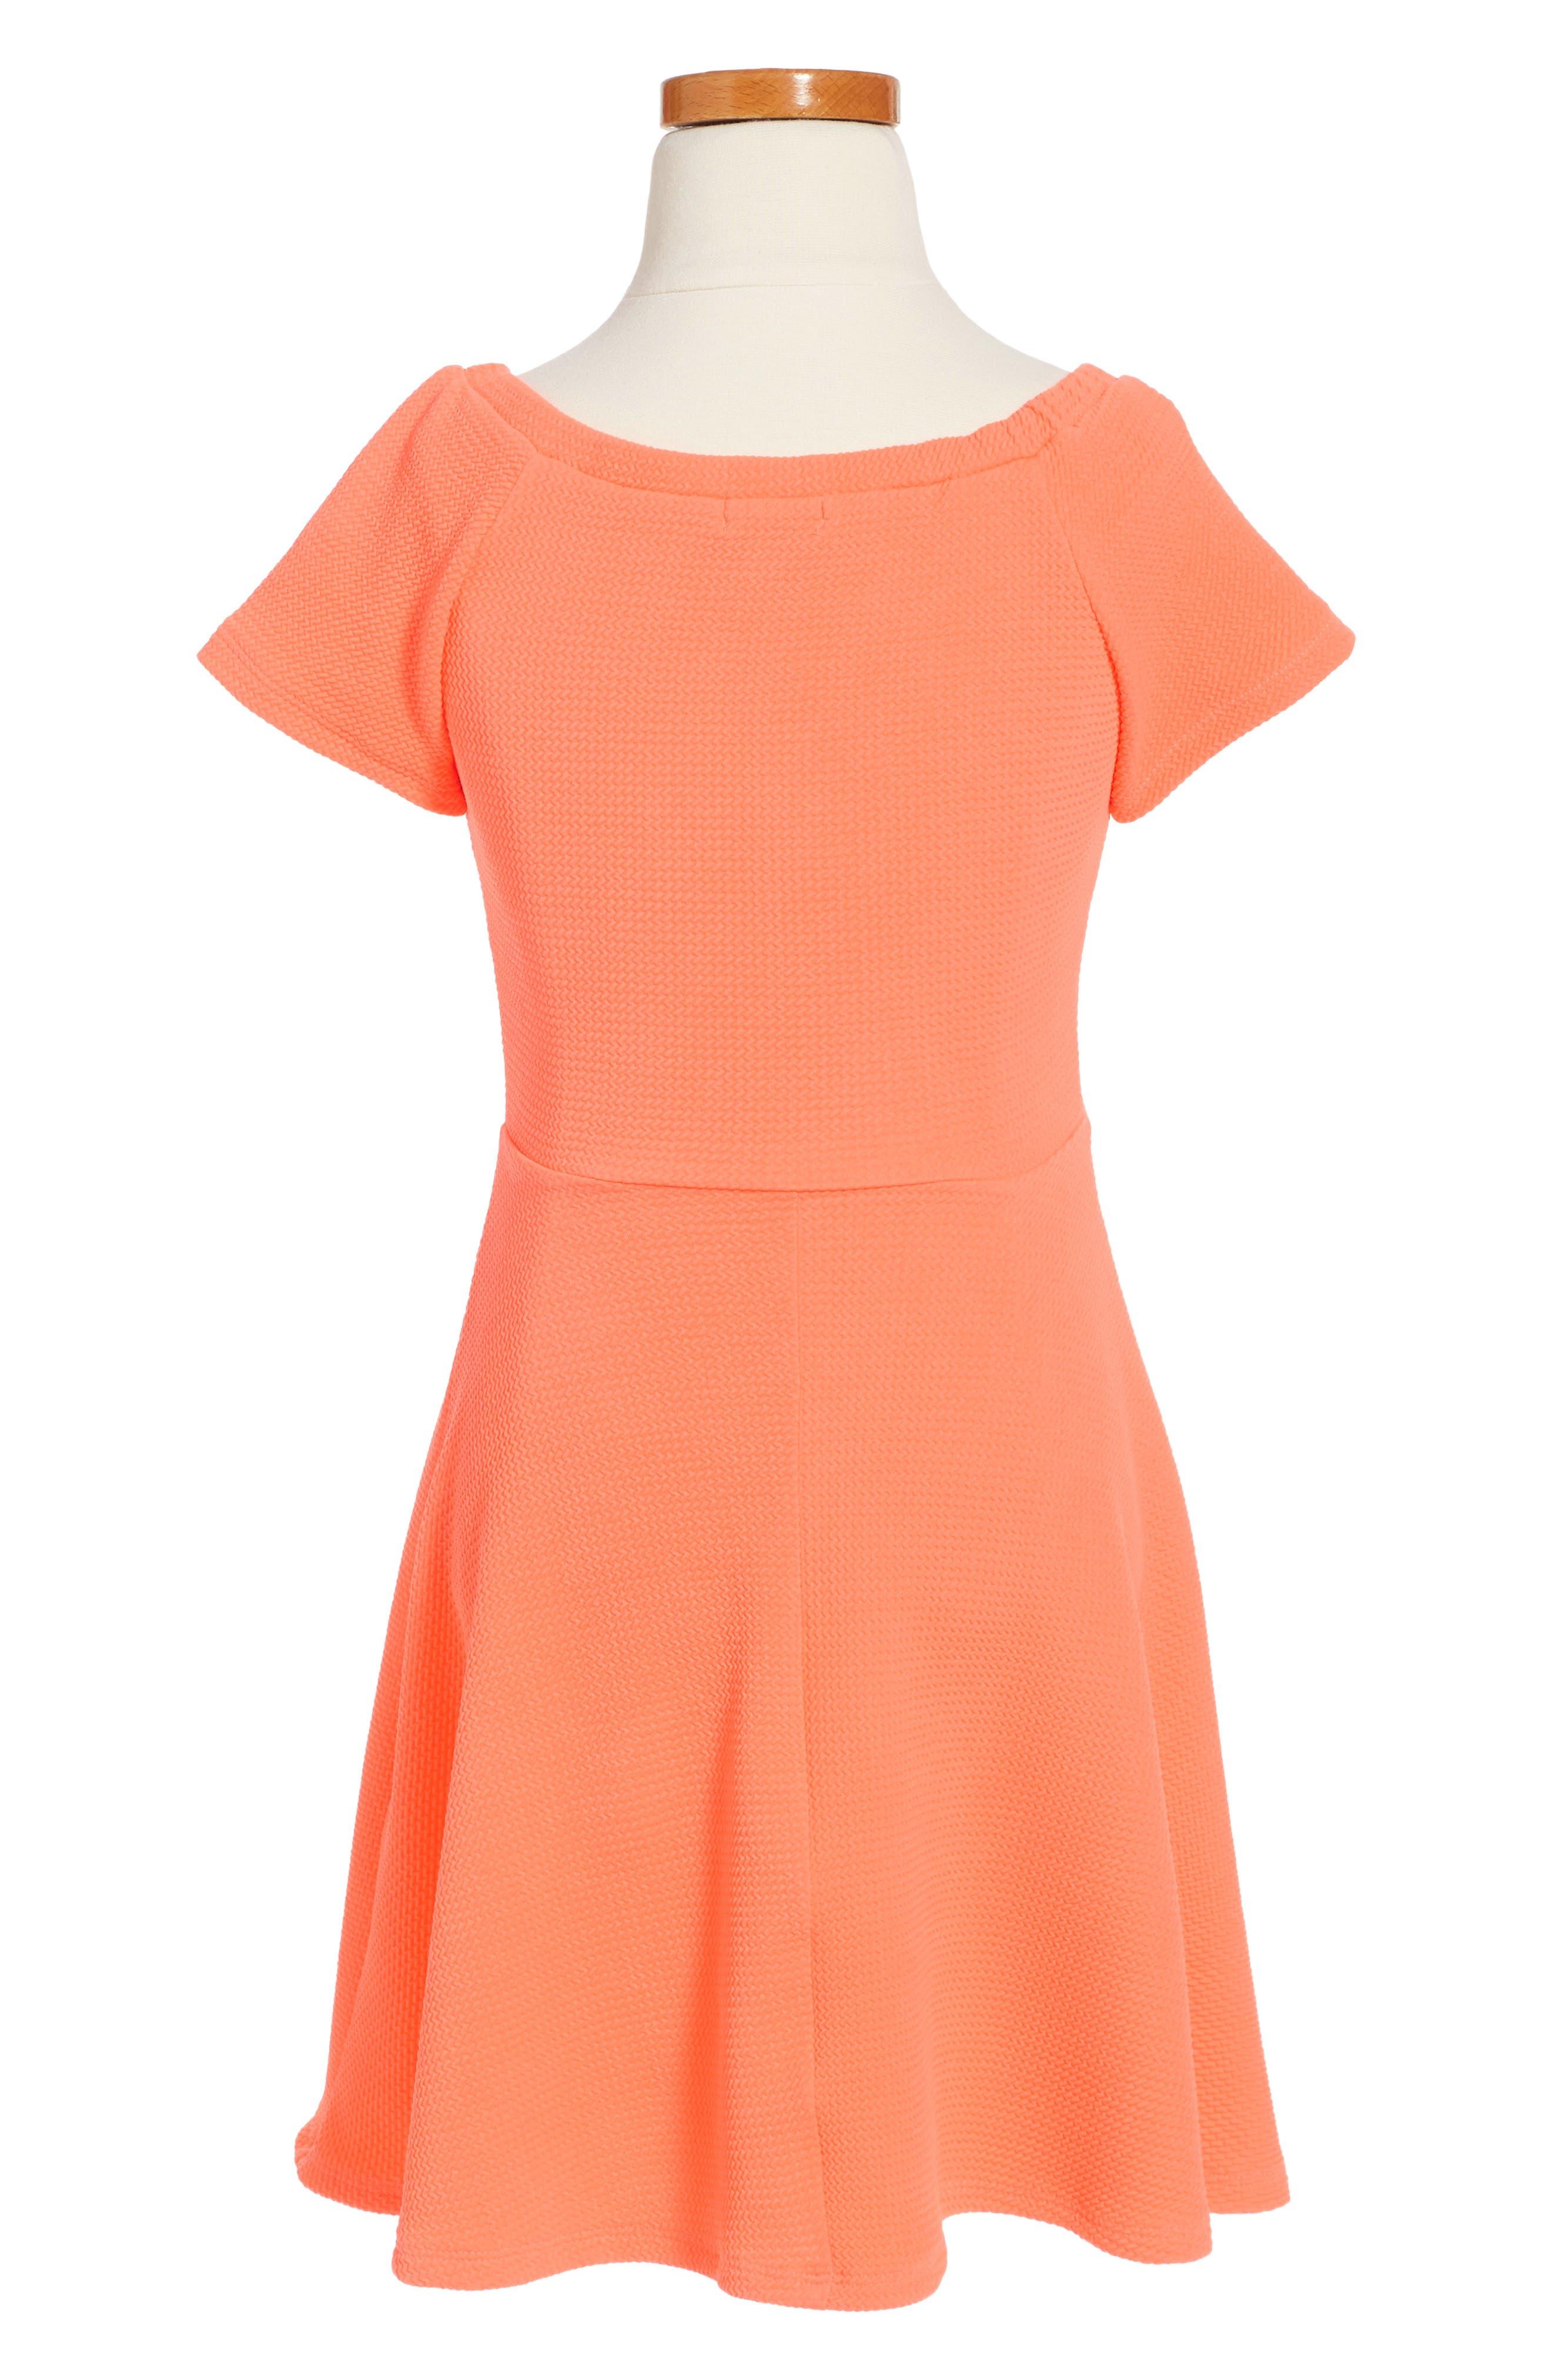 Skater Dress,                             Alternate thumbnail 2, color,                             820